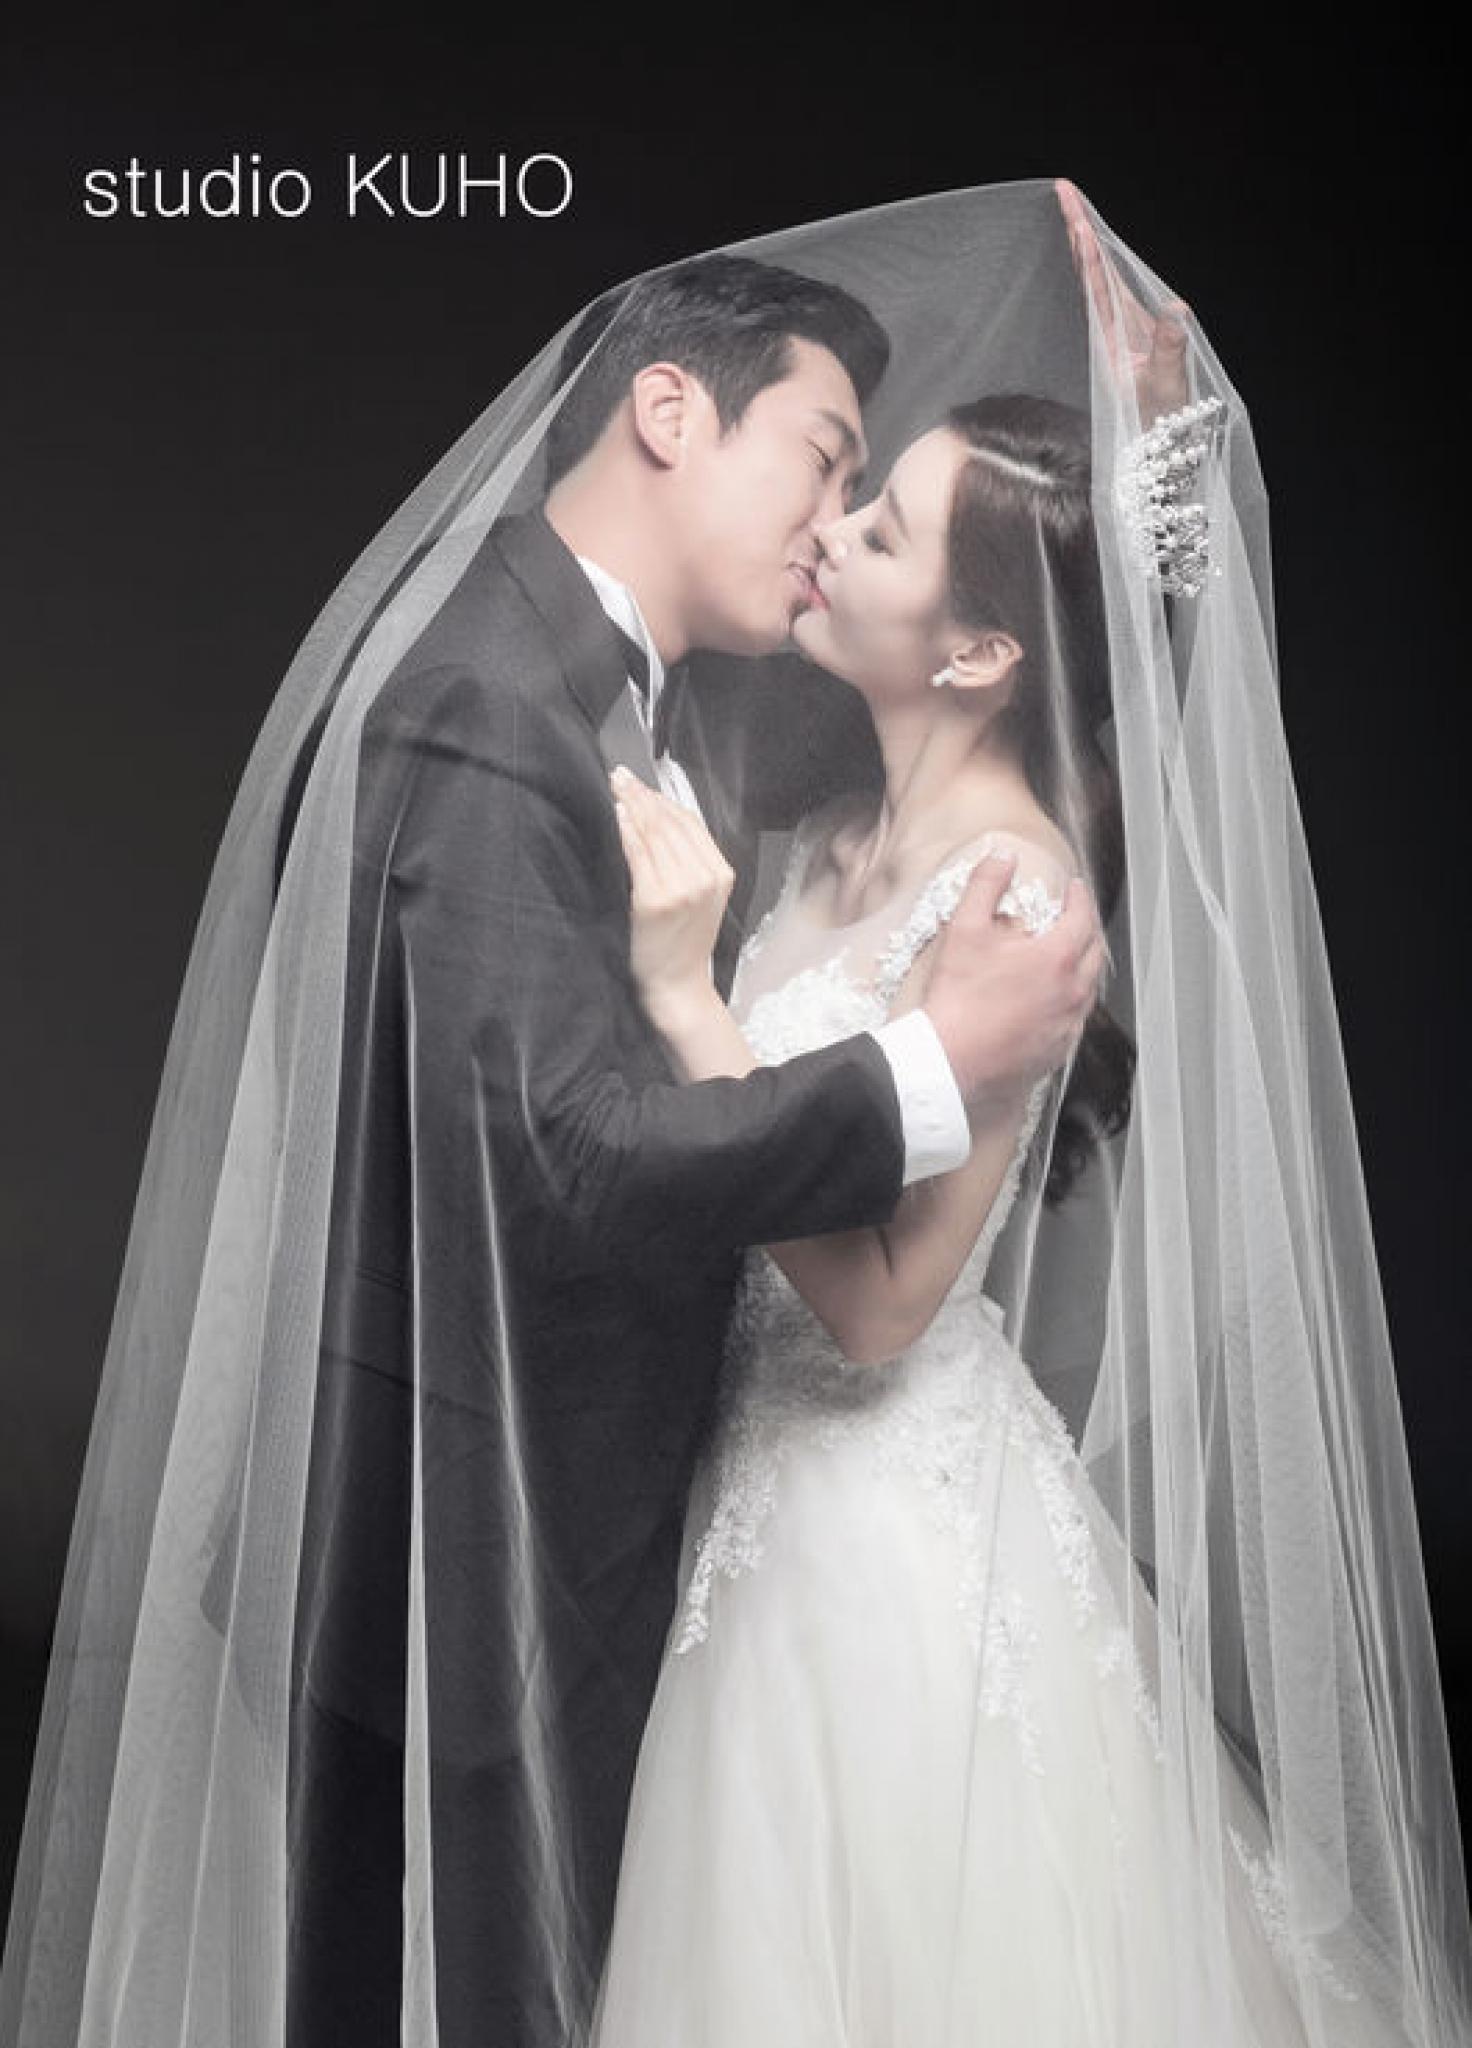 김혁민 한수연 결혼, 12월 부부의 연 맺는다